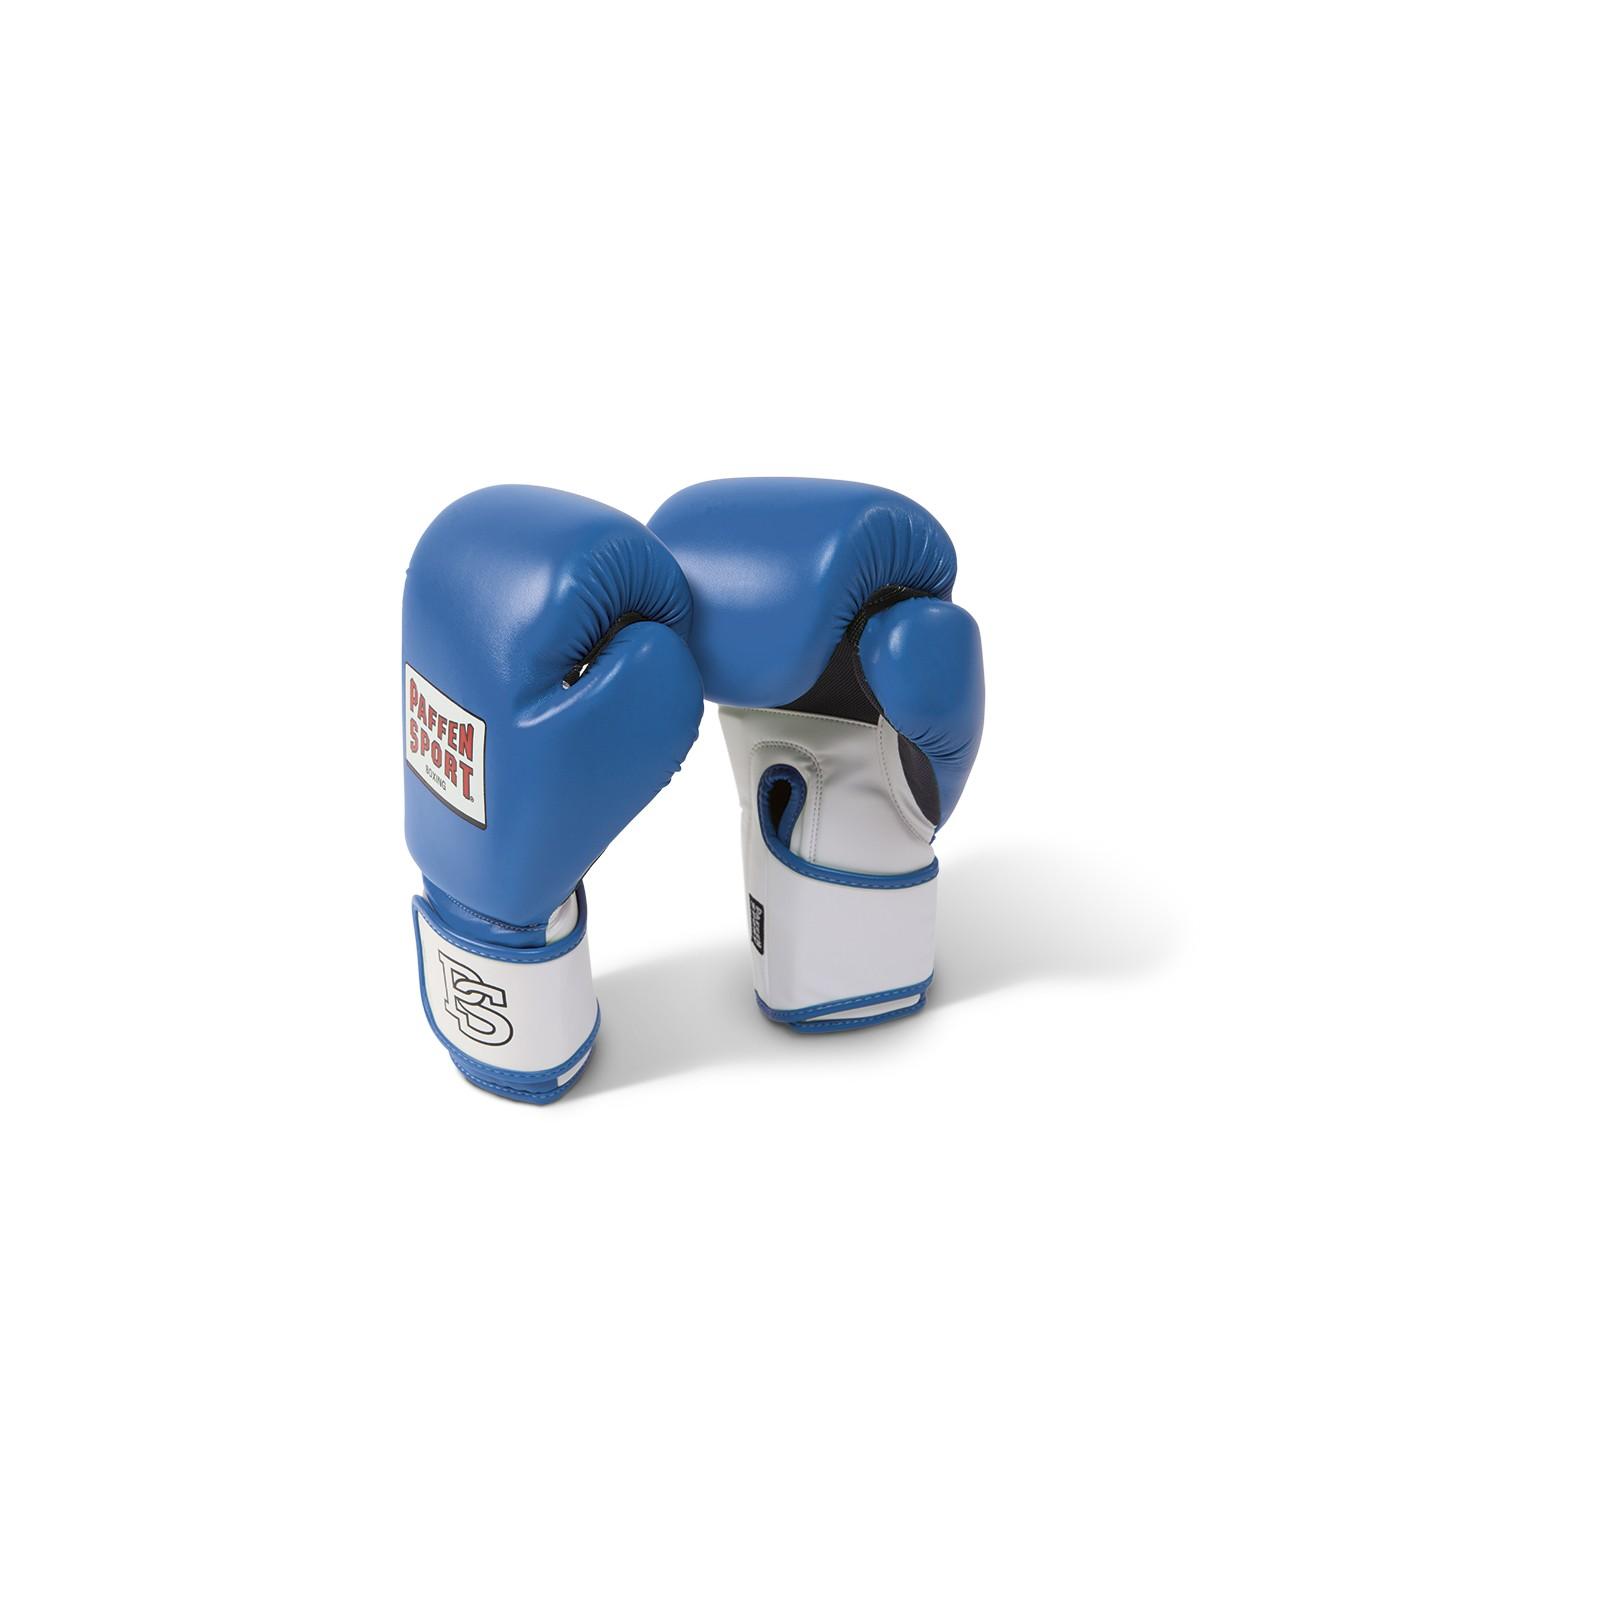 Paffen Sport Boxing Glove Fit Sport Tiedje